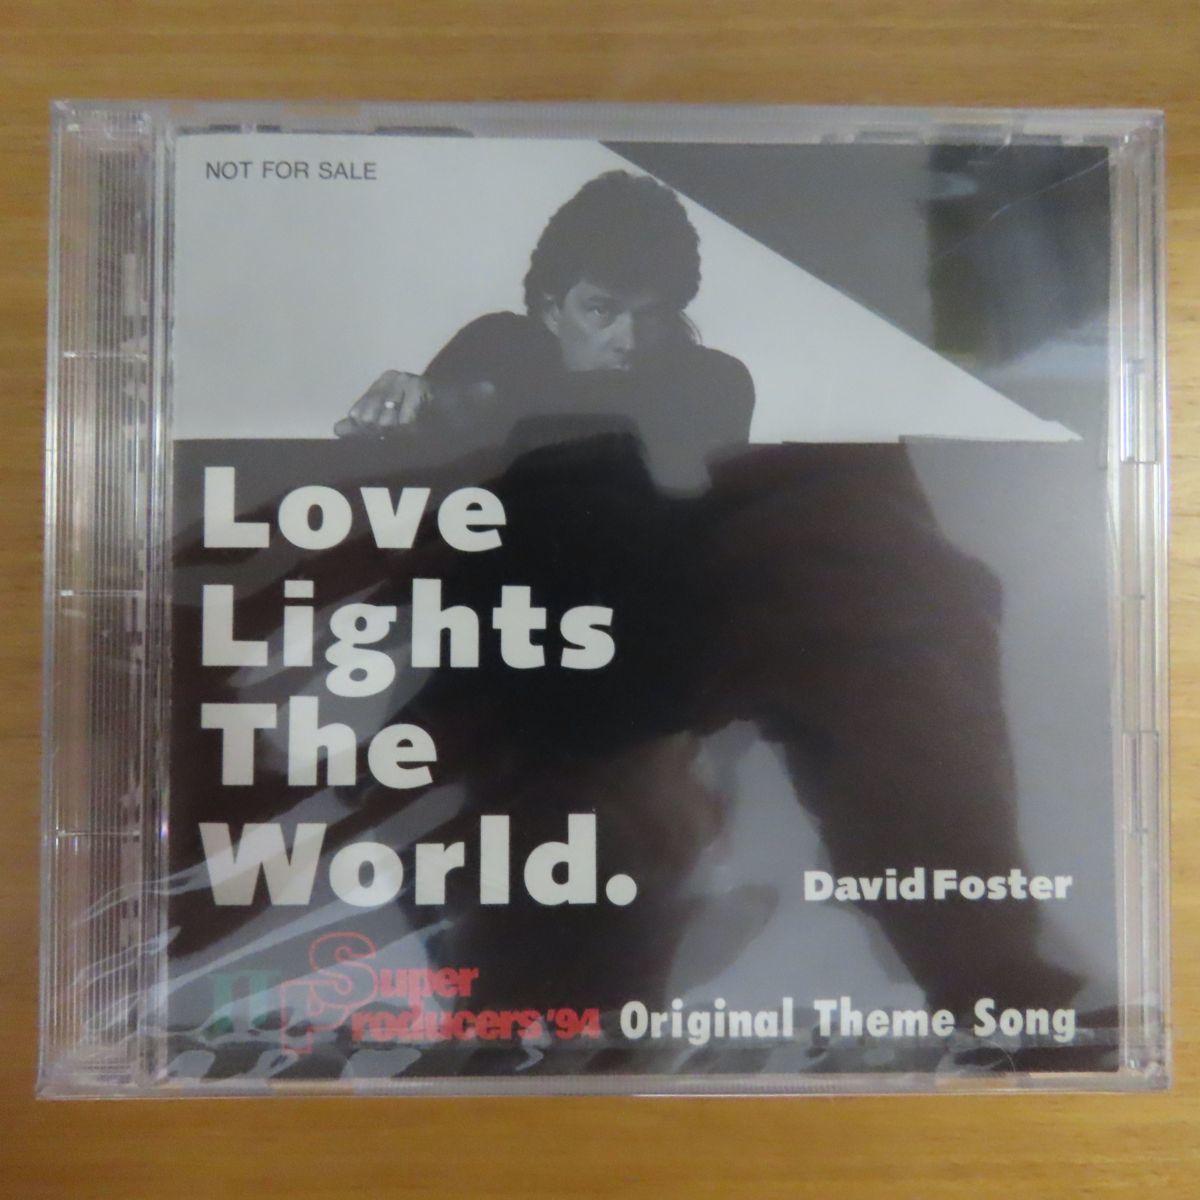 34004729 未開封 Cd David Foster Love Lights The World の落札情報詳細 ヤフオク落札価格情報 オークフリー スマートフォン版